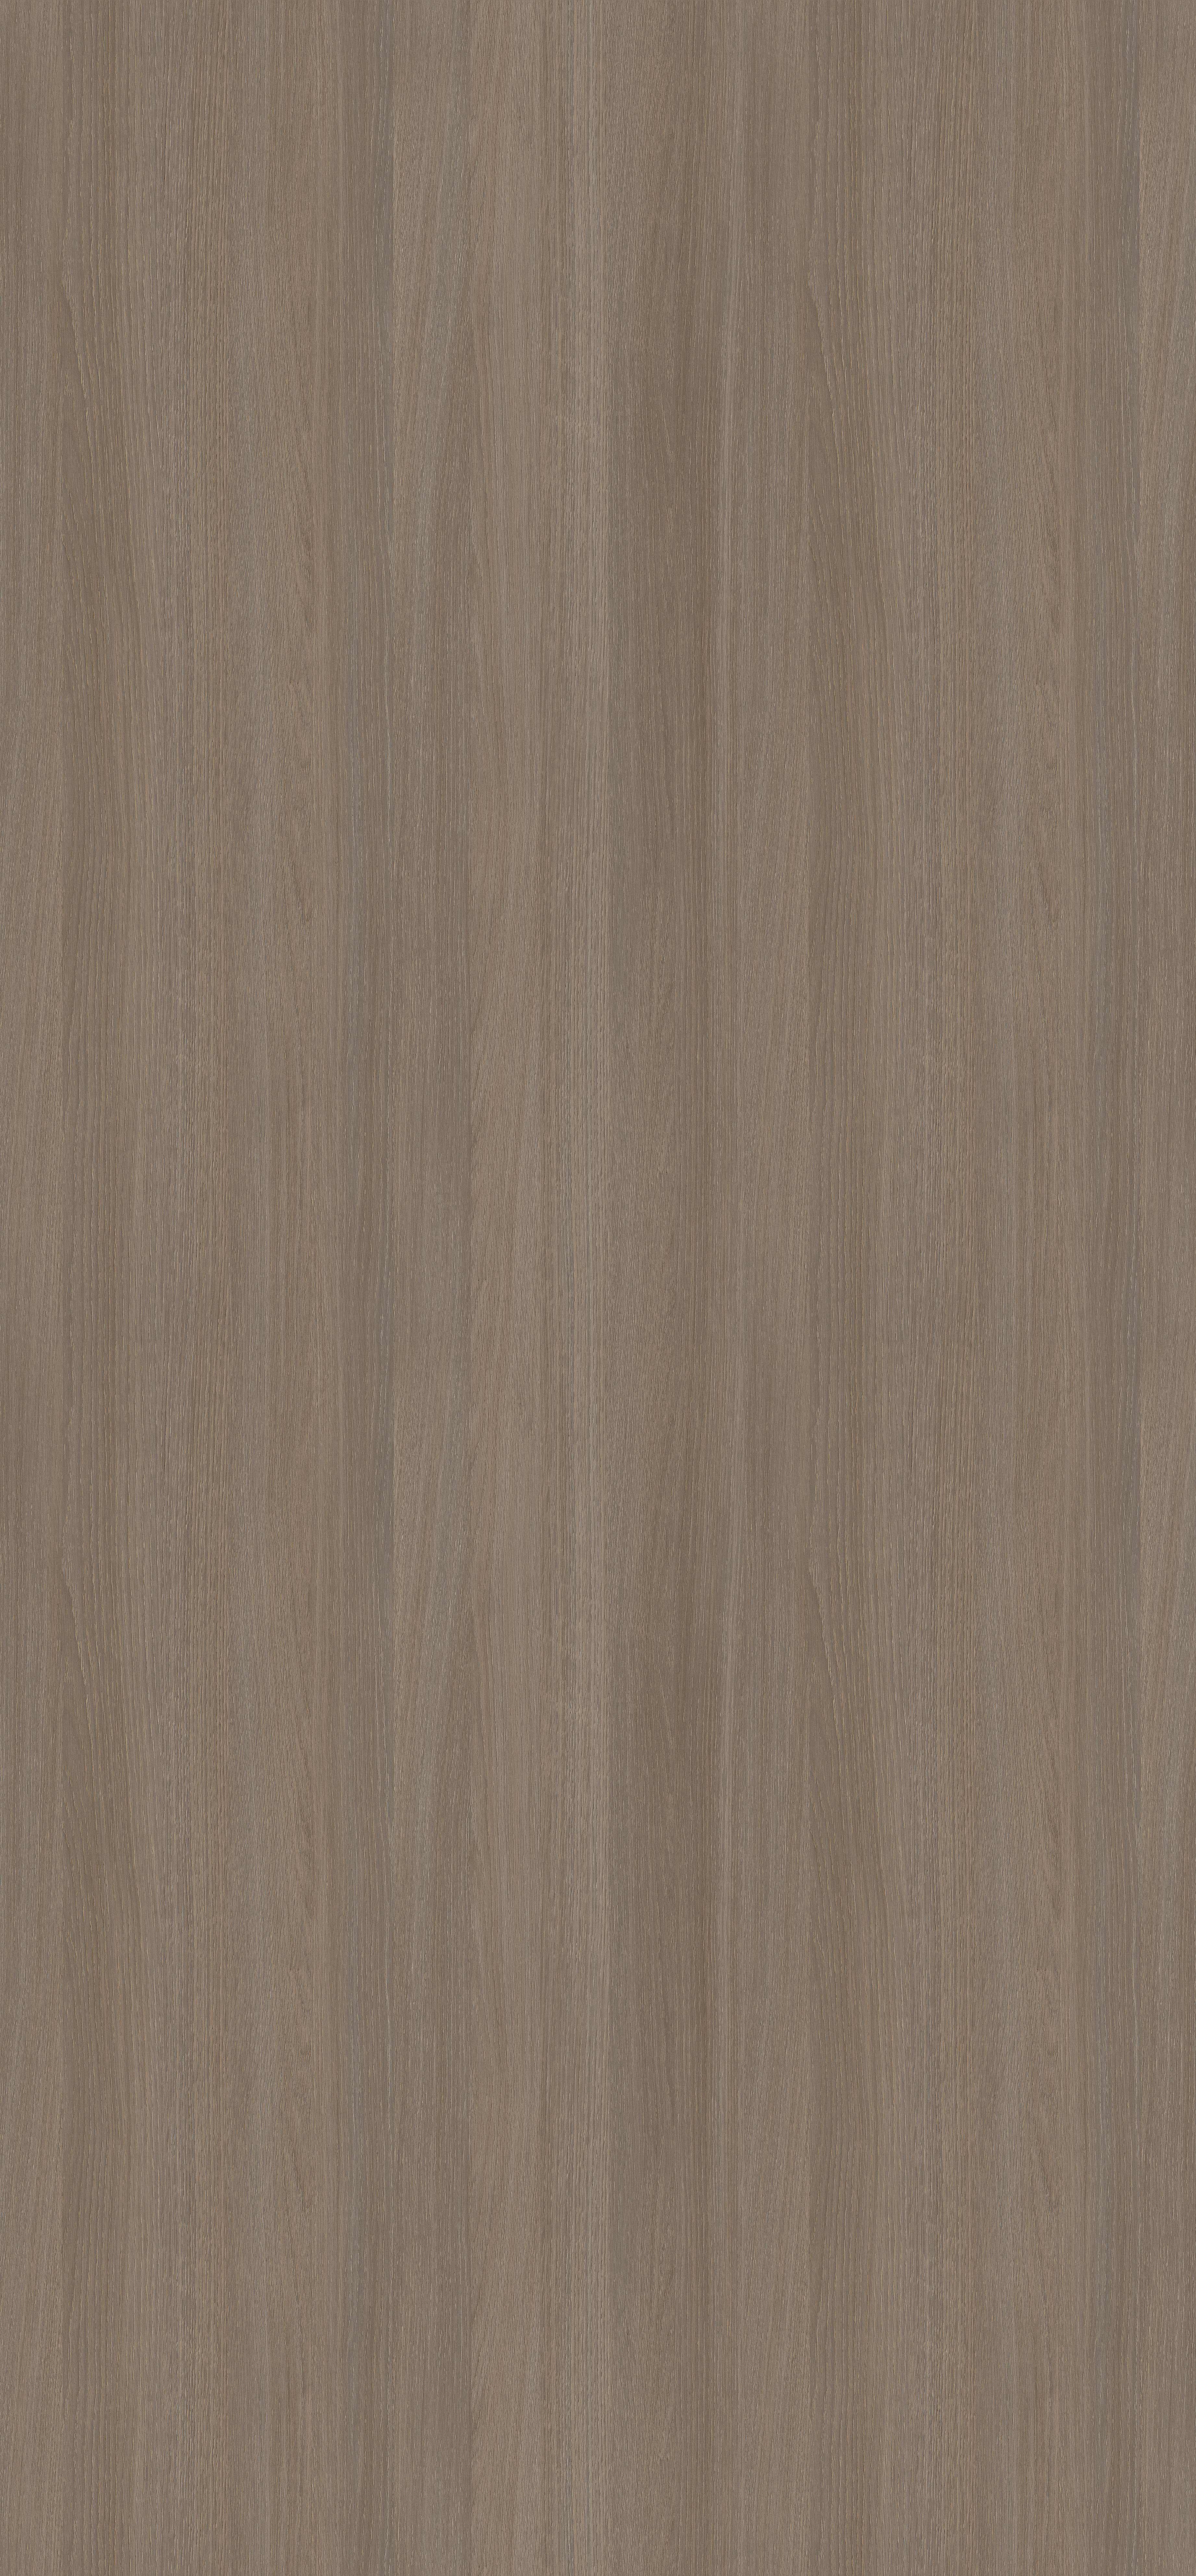 Stejar Cortina Gri H3353 ST11